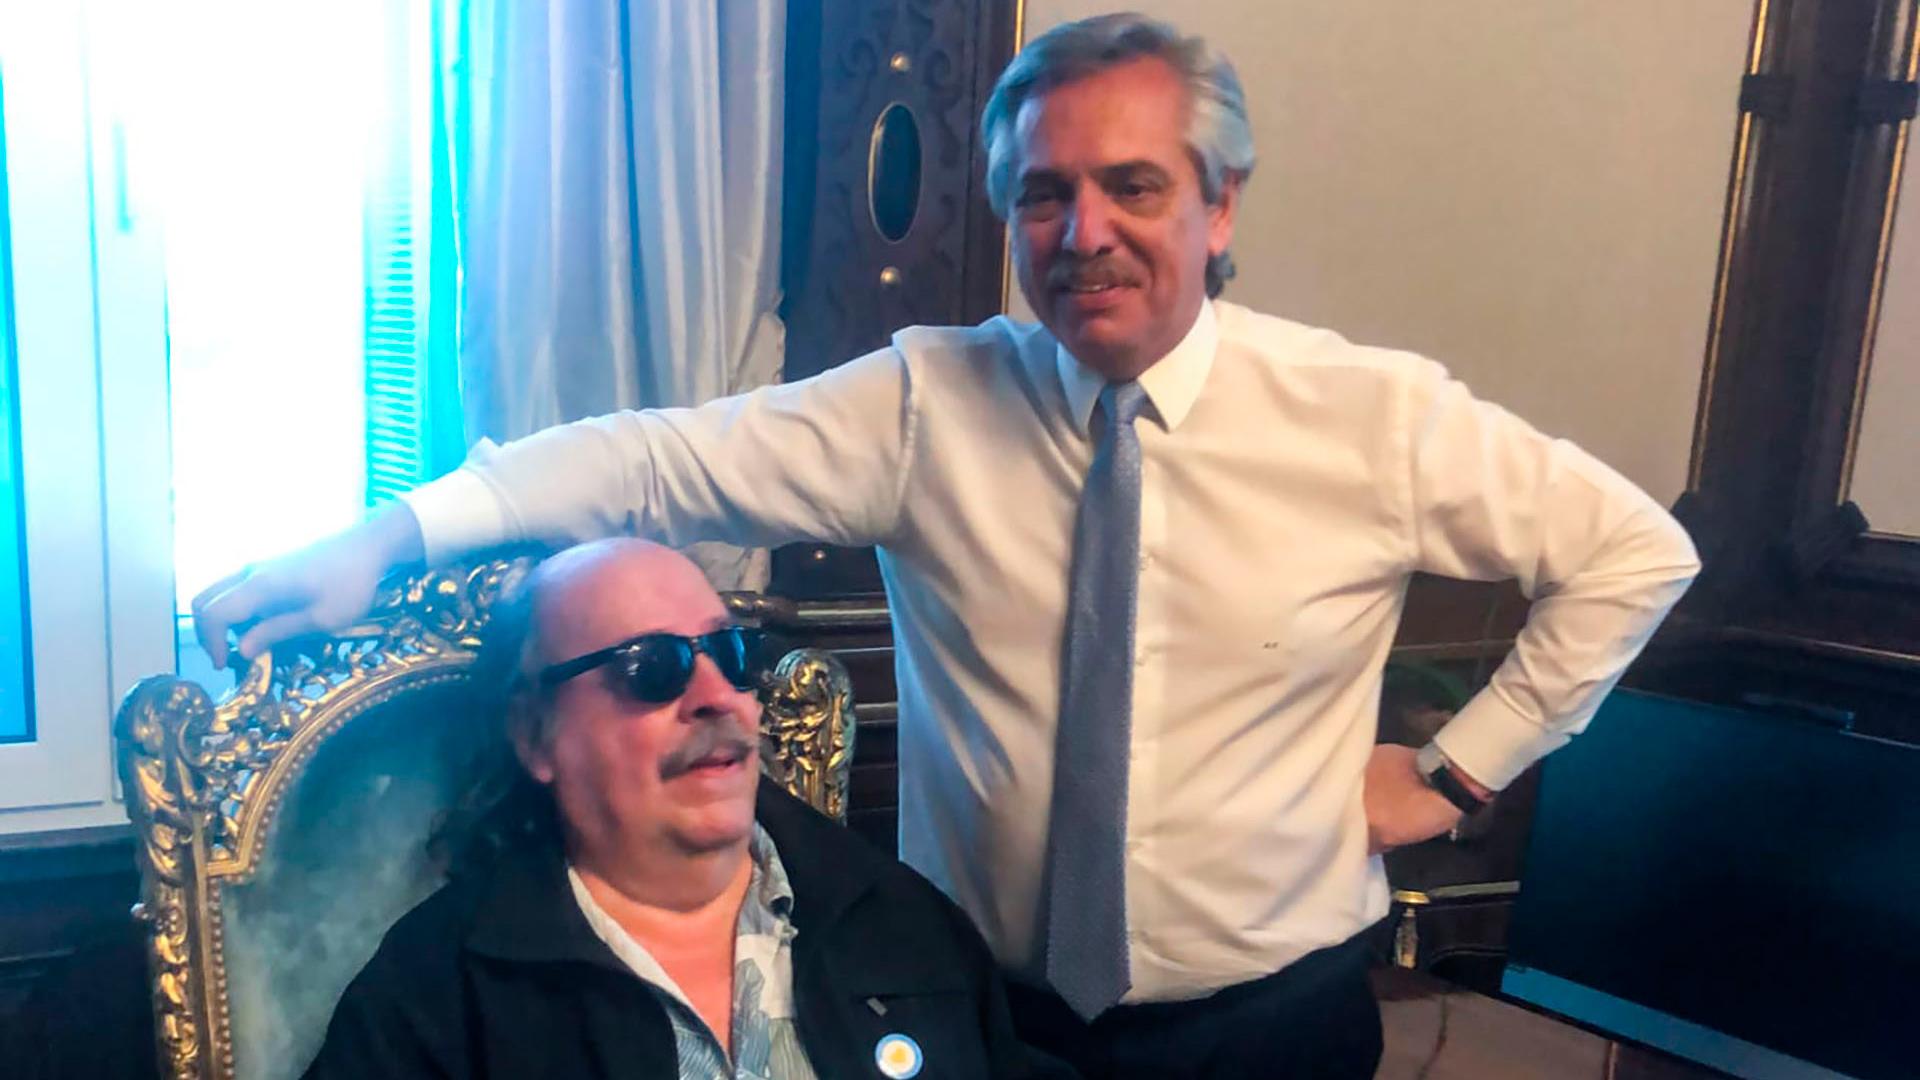 El presidente Alberto Fernández dejó que uno de sus ídolos, el cantante Litto Nebbia, se siente en el sillón presidencial